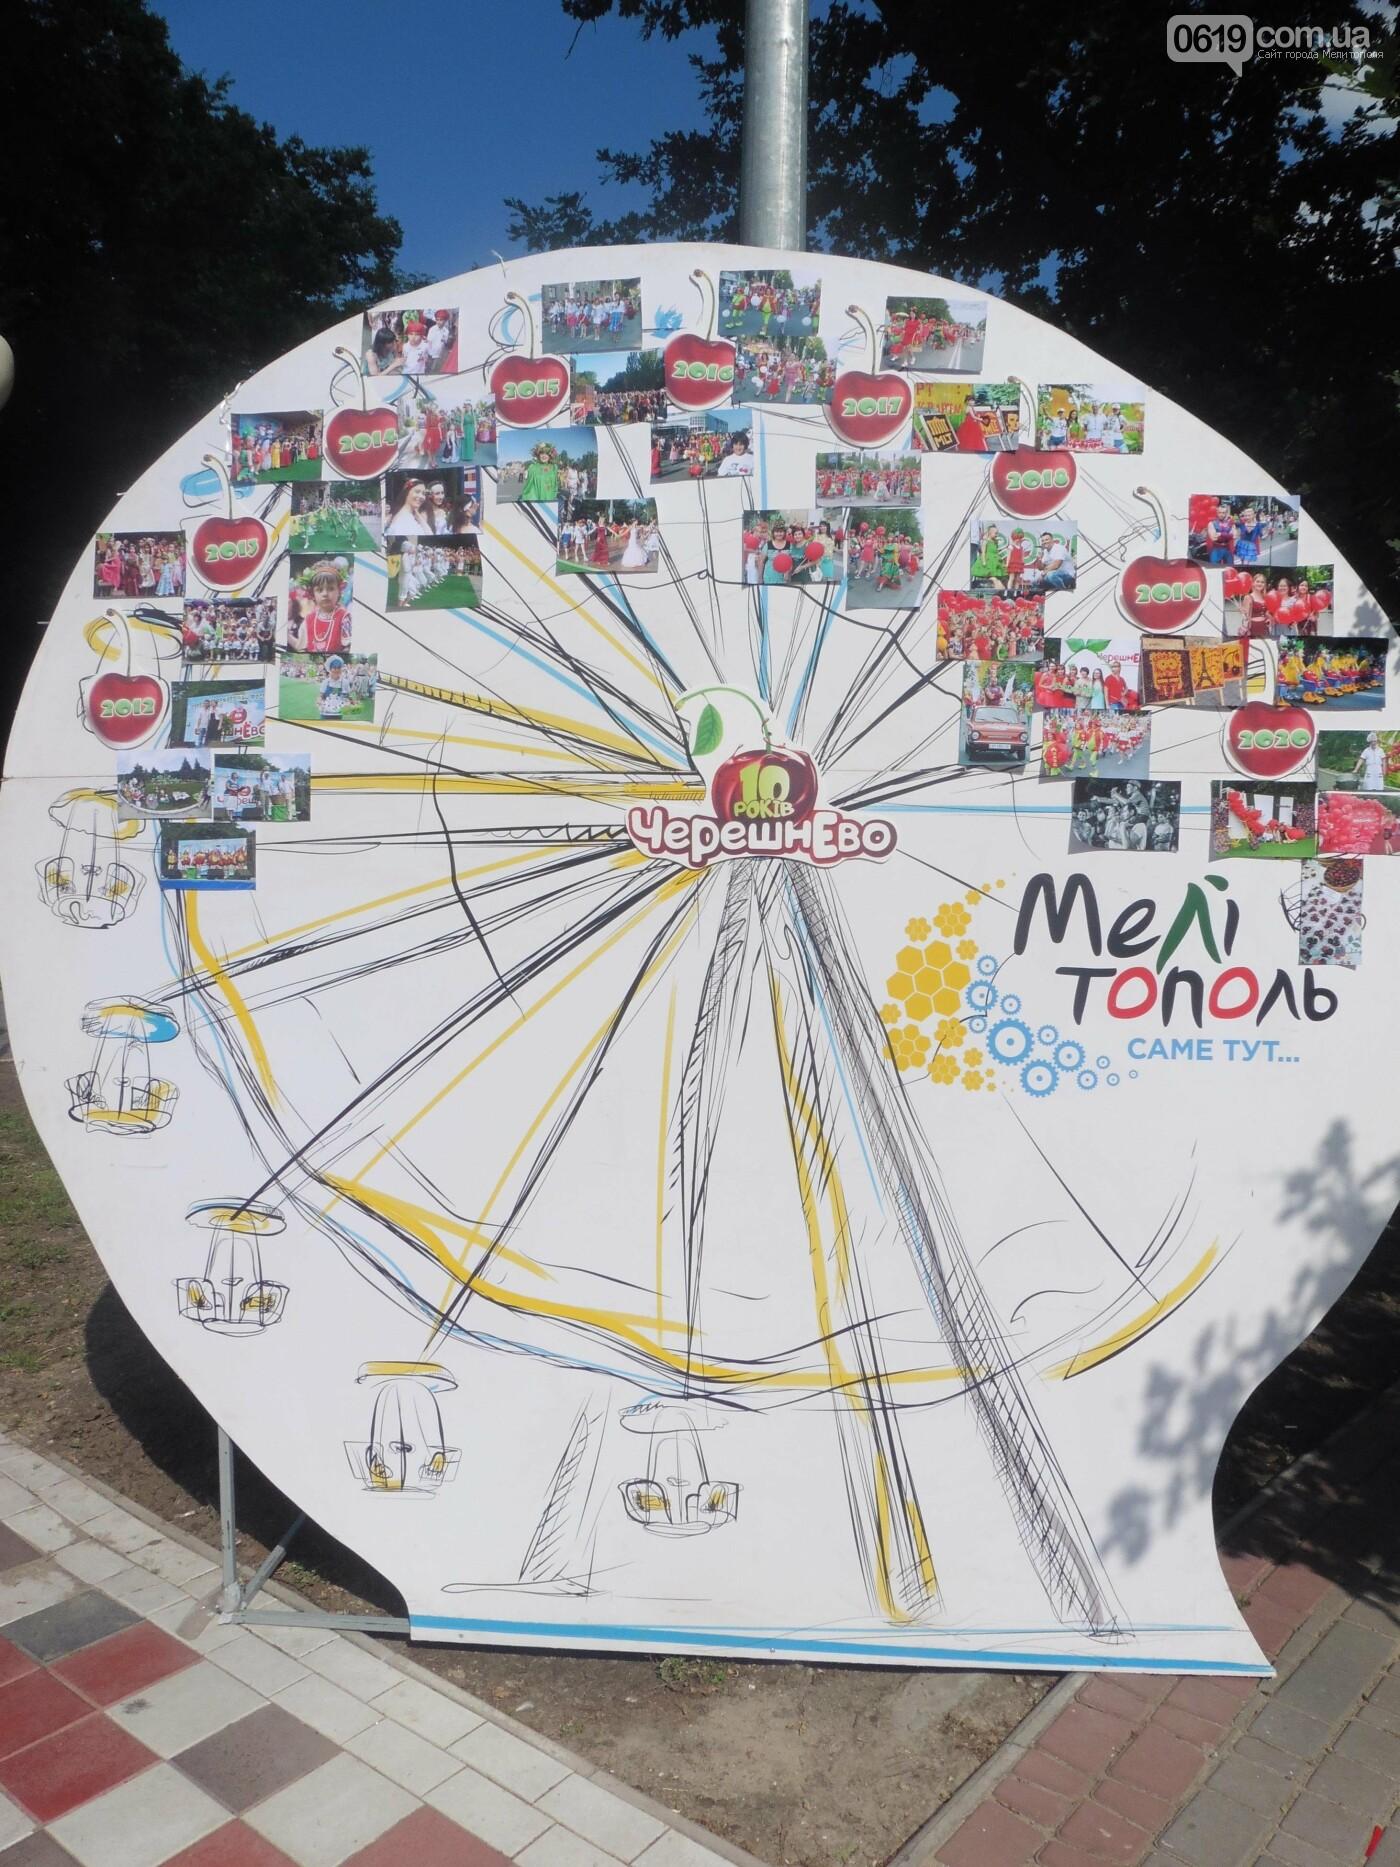 мелитополь фестиваль черешни 1